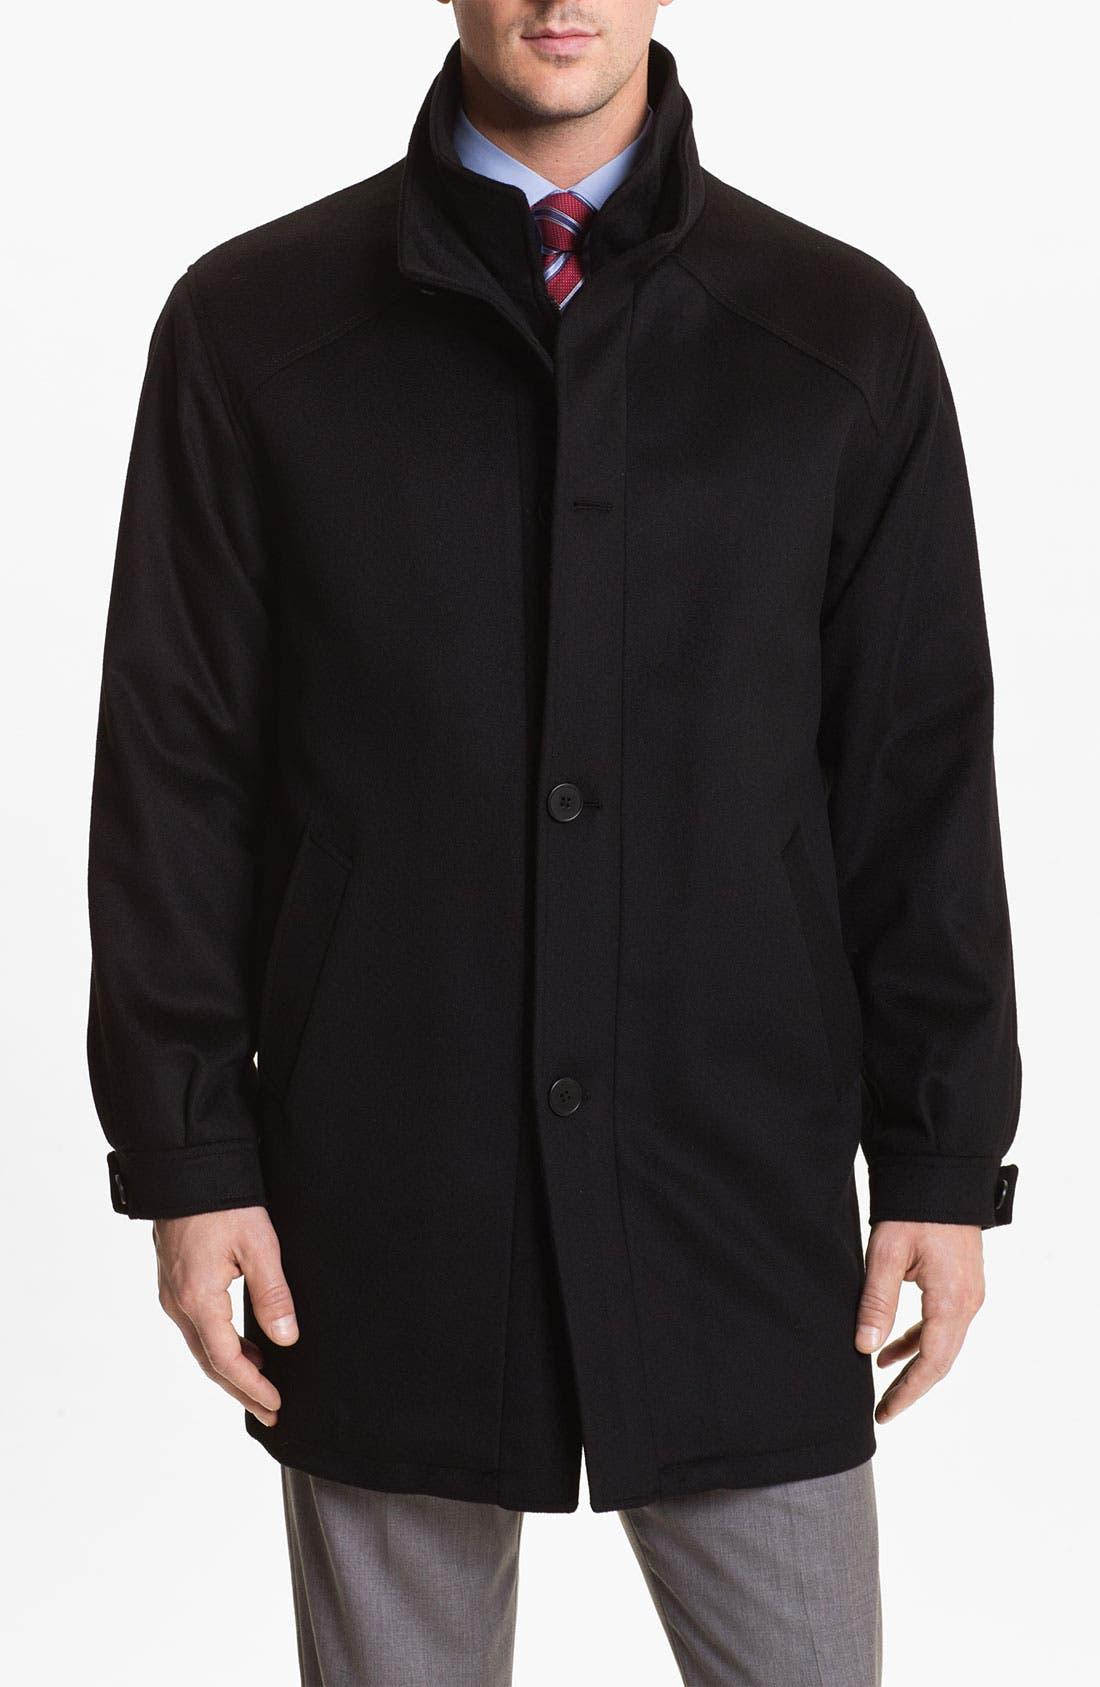 Main Image - Cardinal of Canada Wool Blend Car Coat